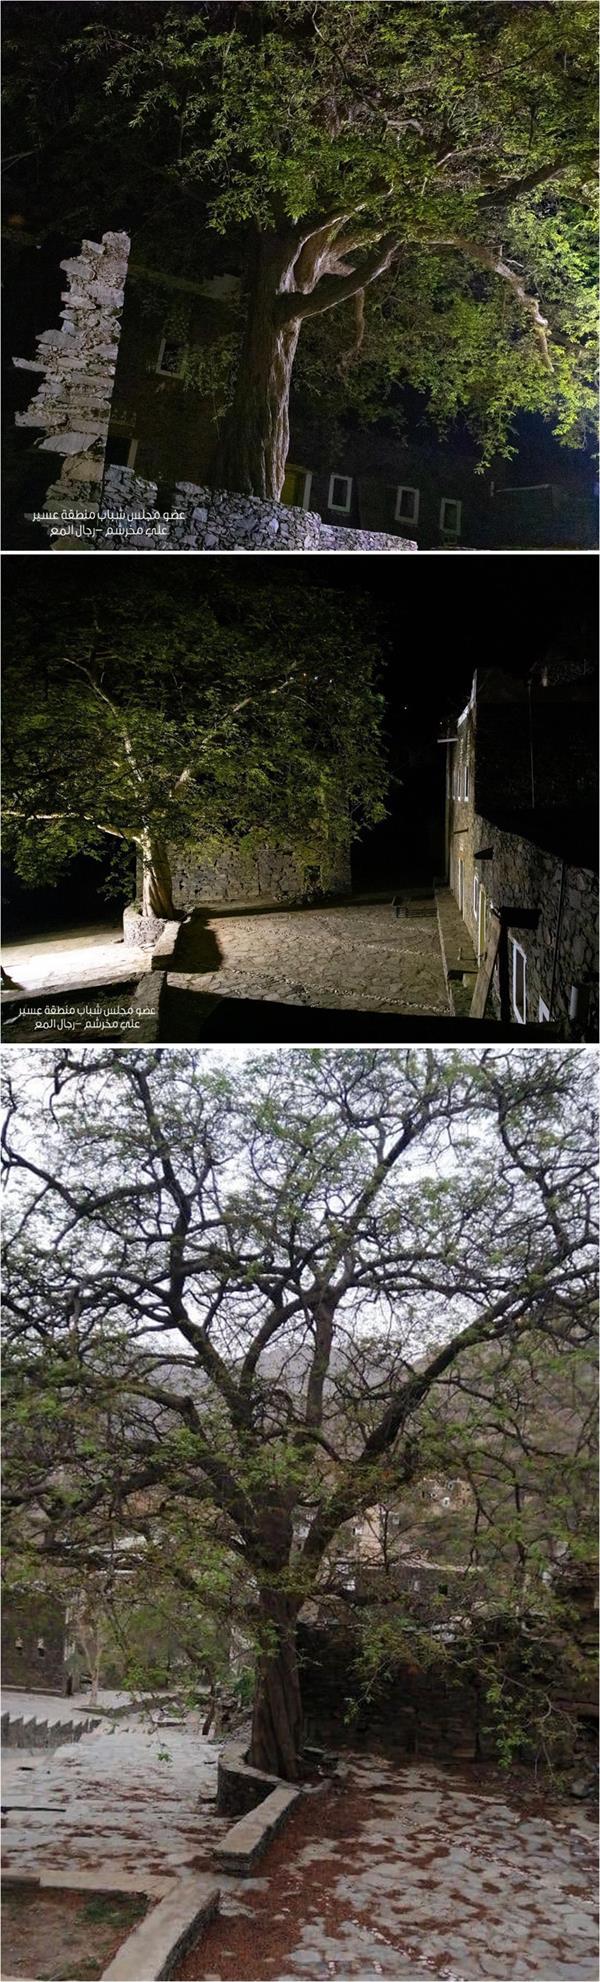 صور الشجرة